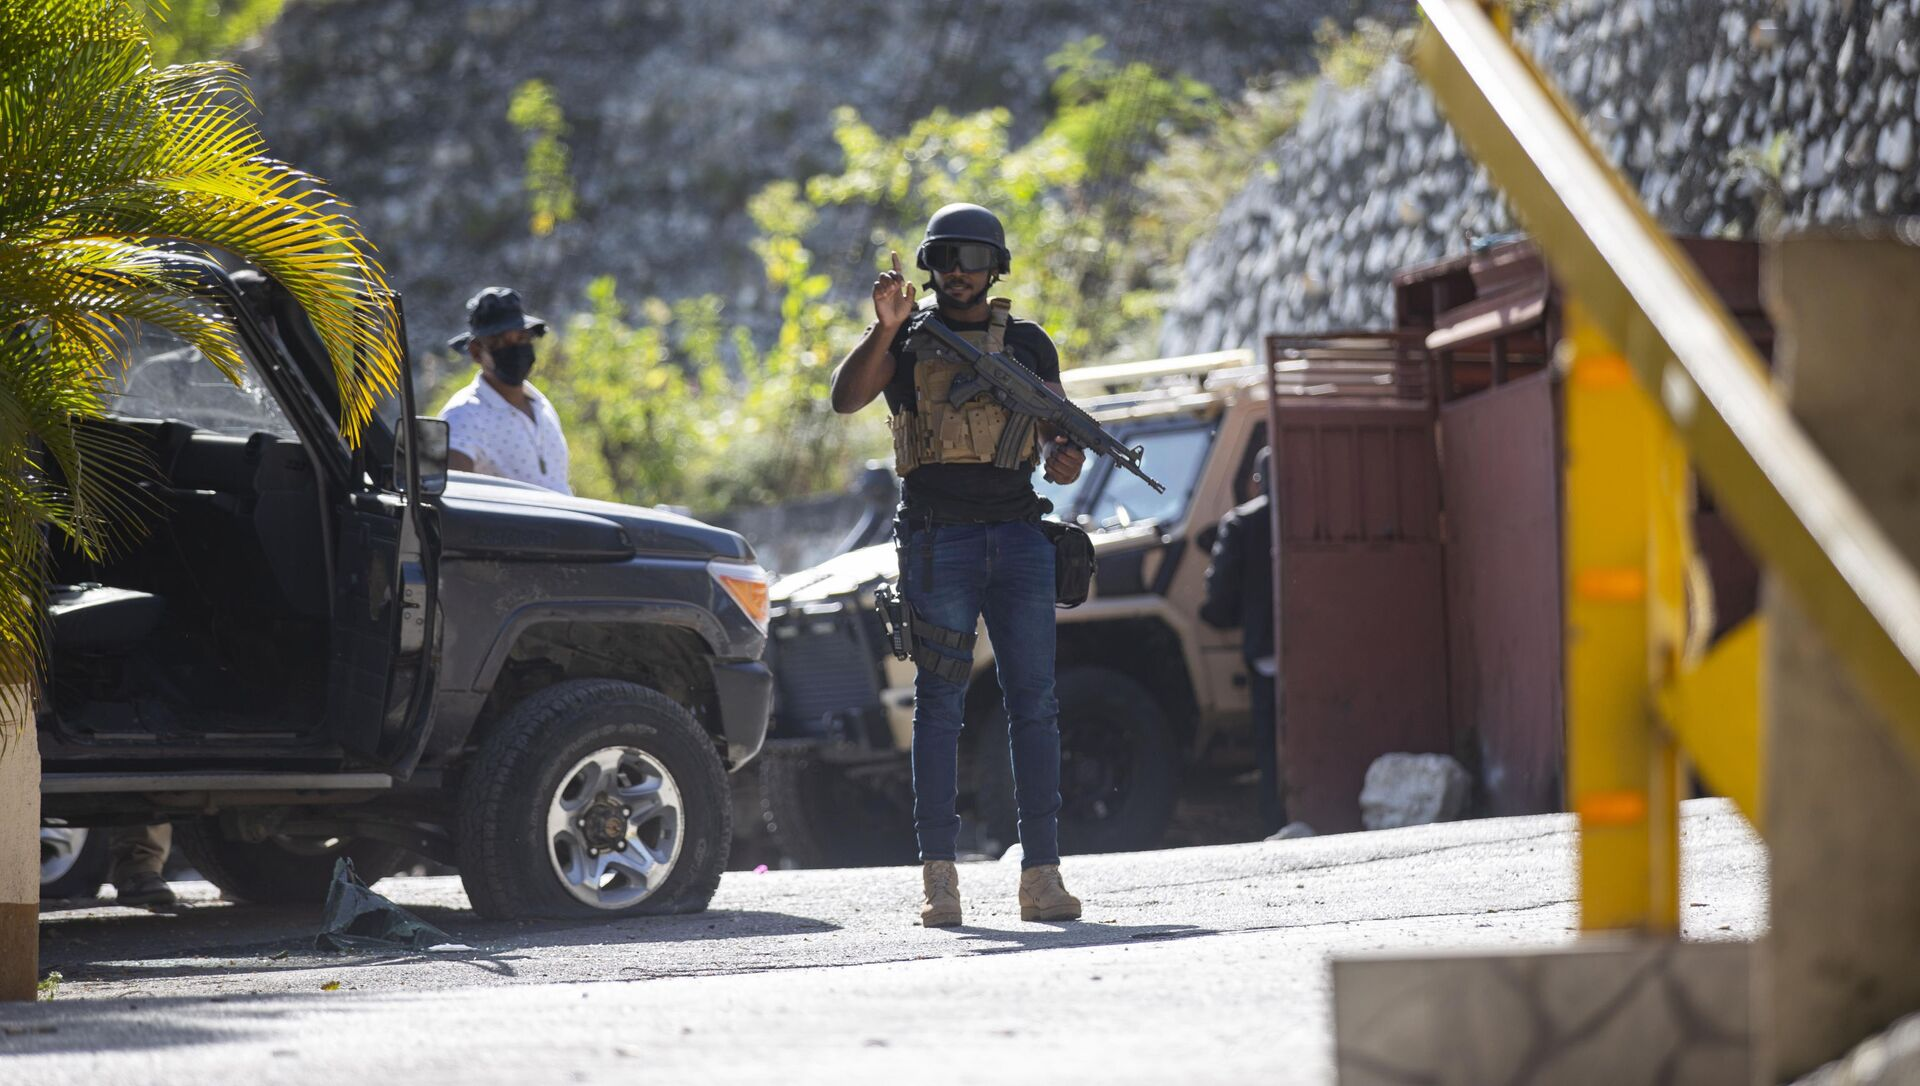 Хаићанска полиција истражује напад на резиденцију председника Хаитија - Sputnik Србија, 1920, 08.07.2021